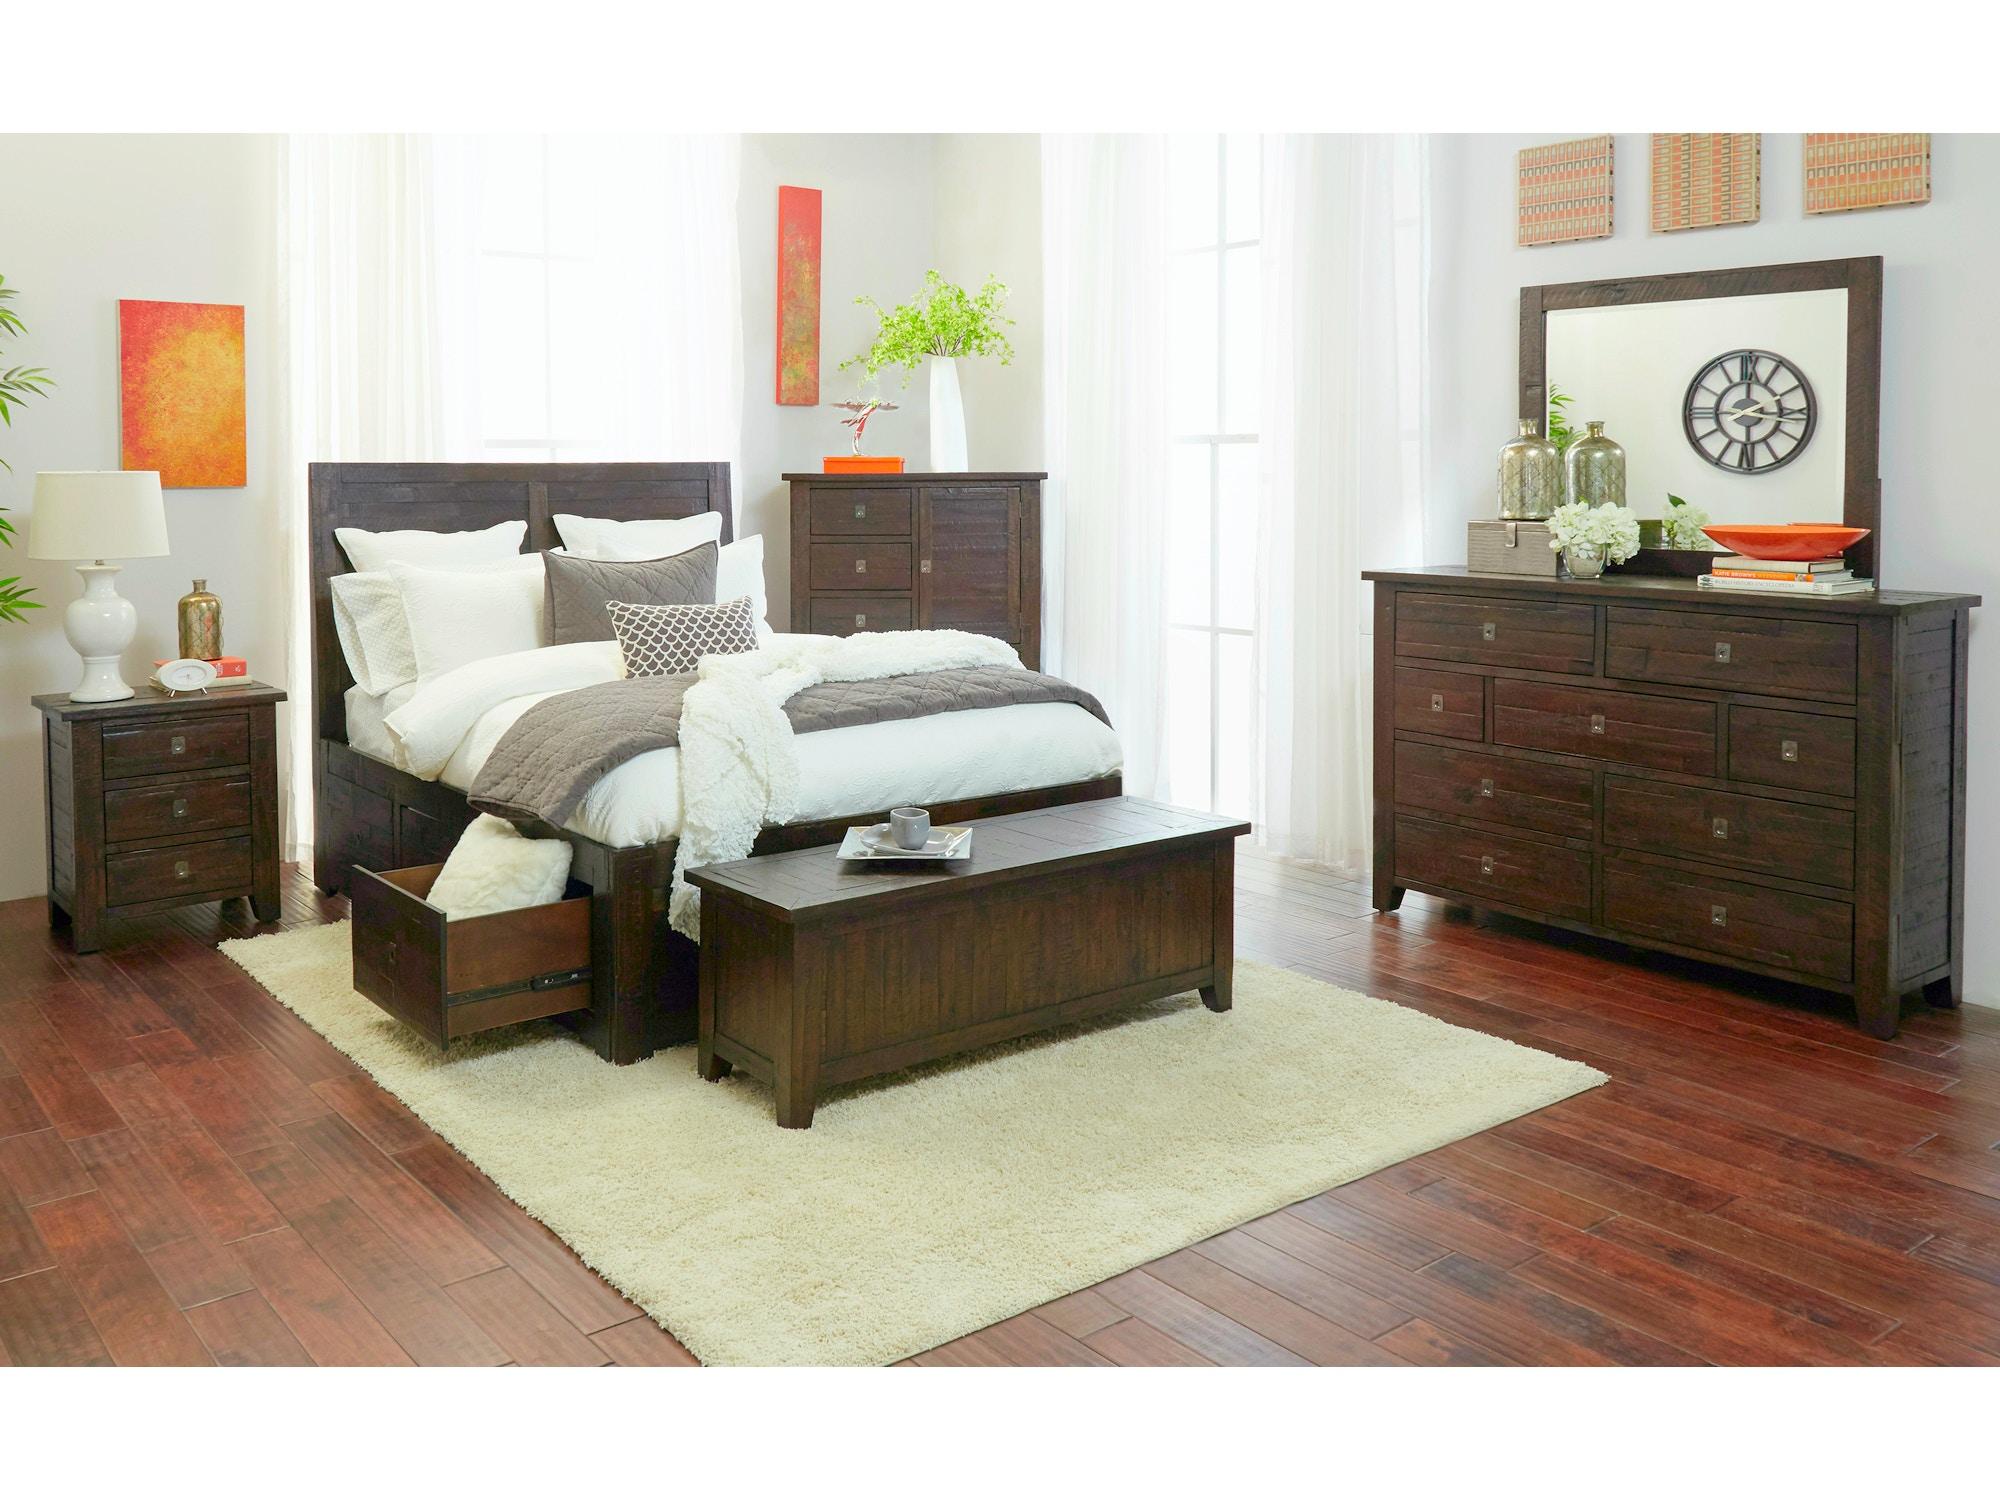 Jofran Bedroom Master Bedroom Sets Furniture Fair Cincinnati - Furniture fair bedroom sets